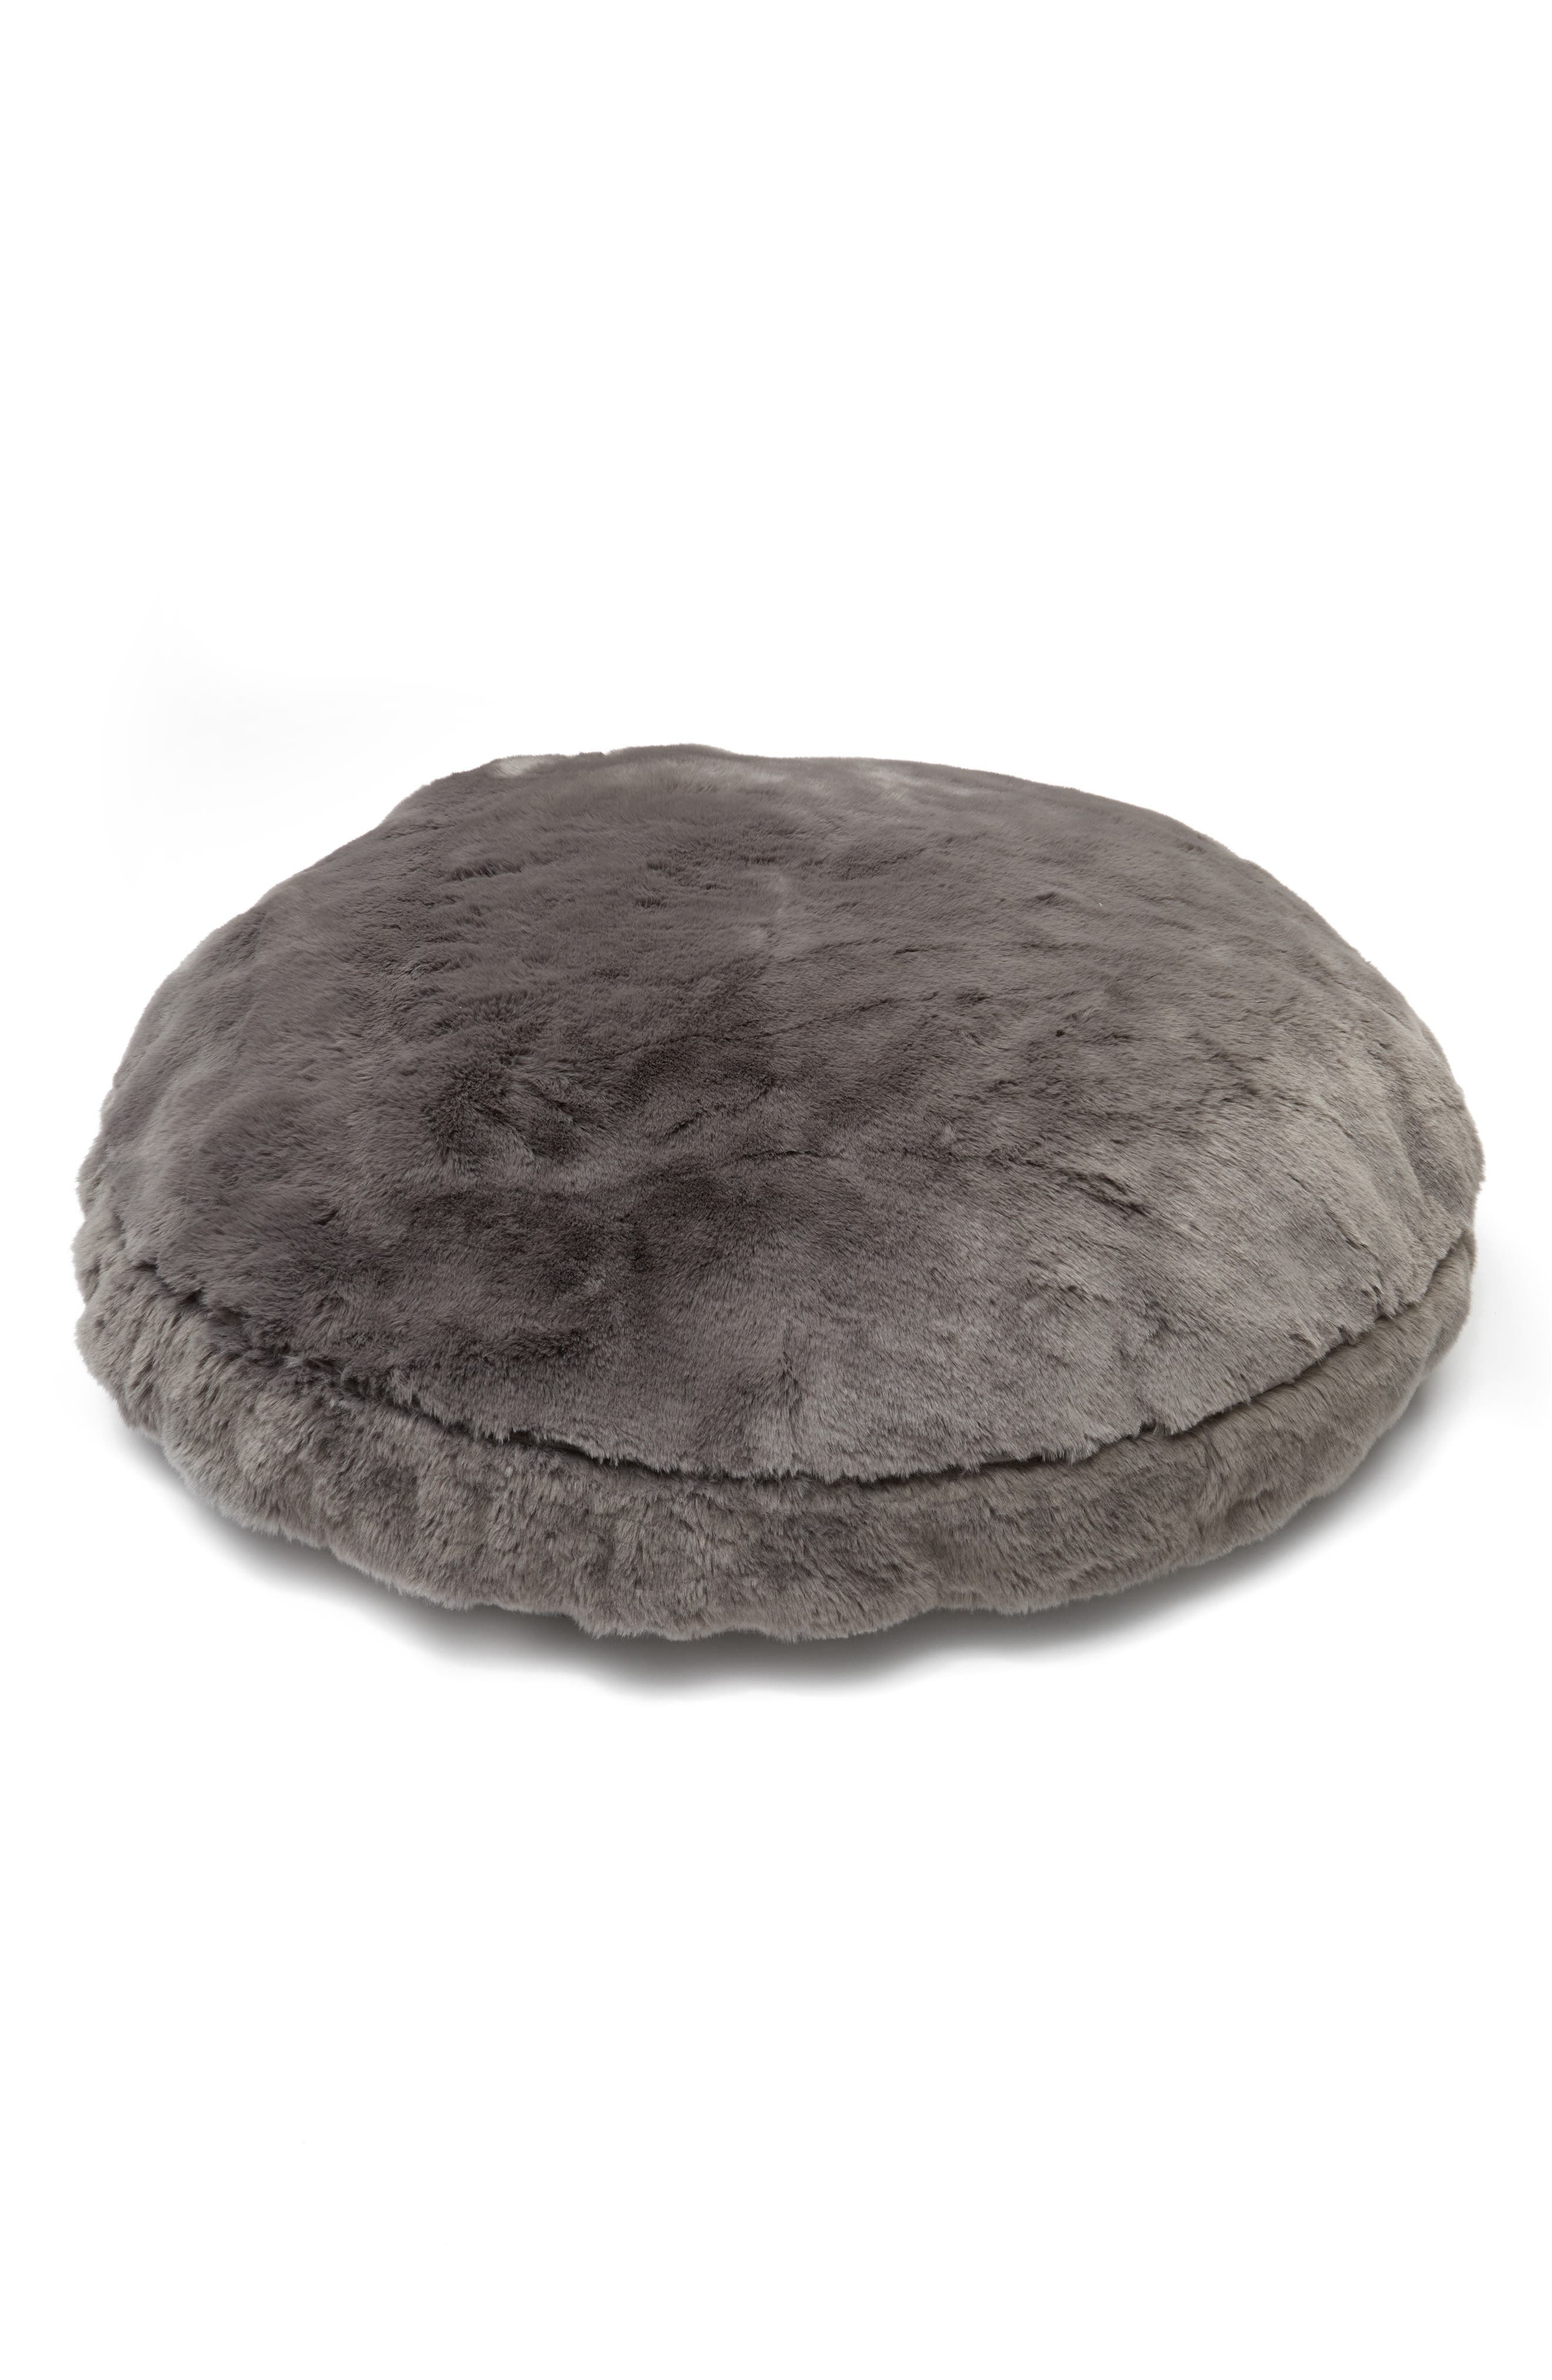 Cuddle Up Large Faux Fur Pet Bed,                             Main thumbnail 1, color,                             021